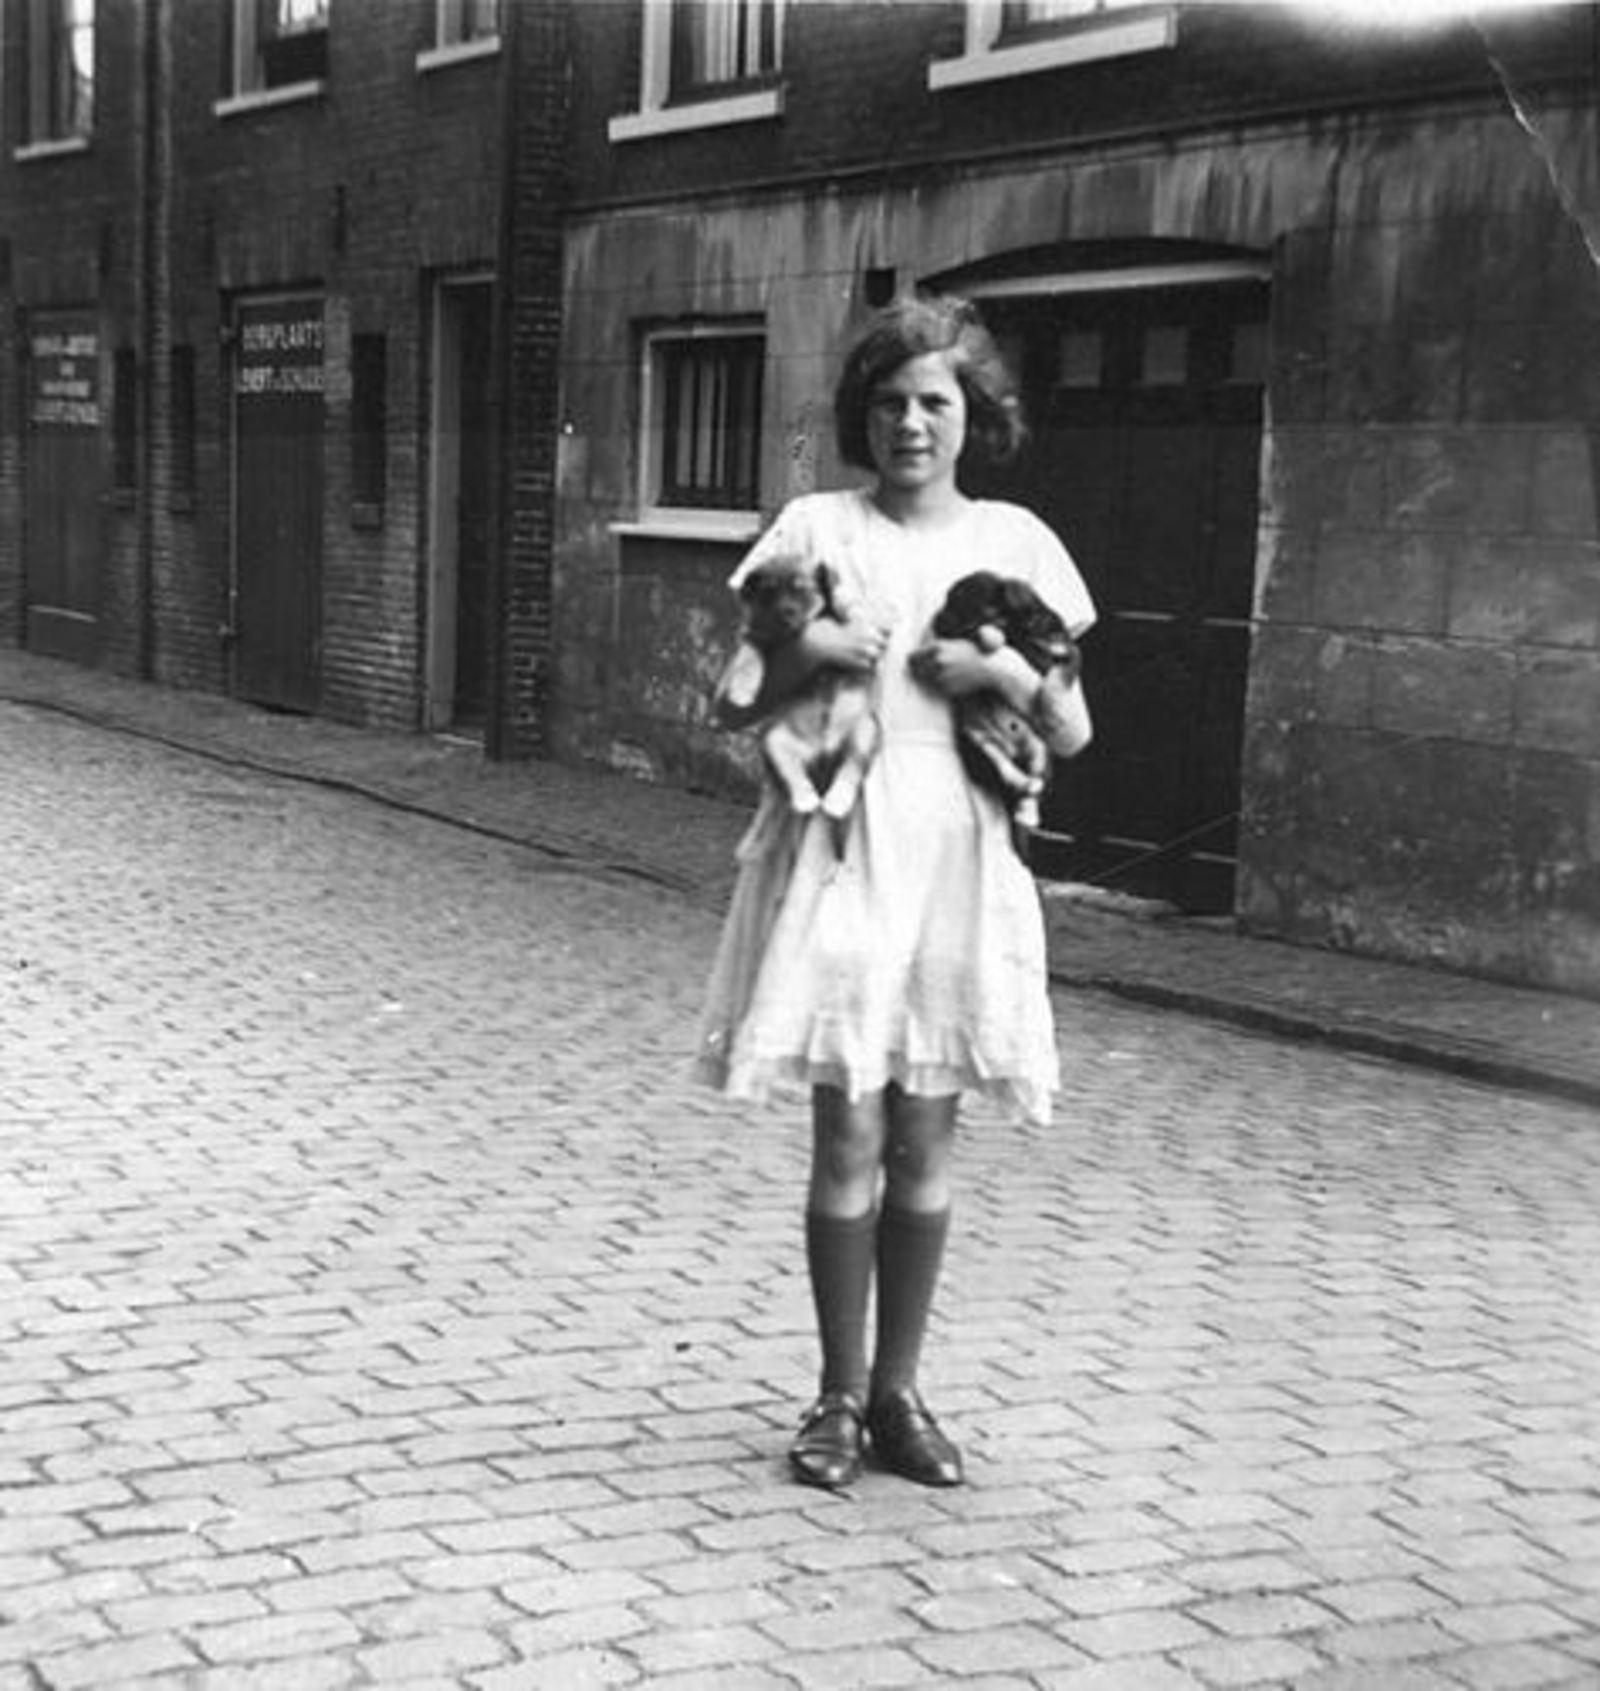 Bliek Jannie 1927 1938 op Straat in